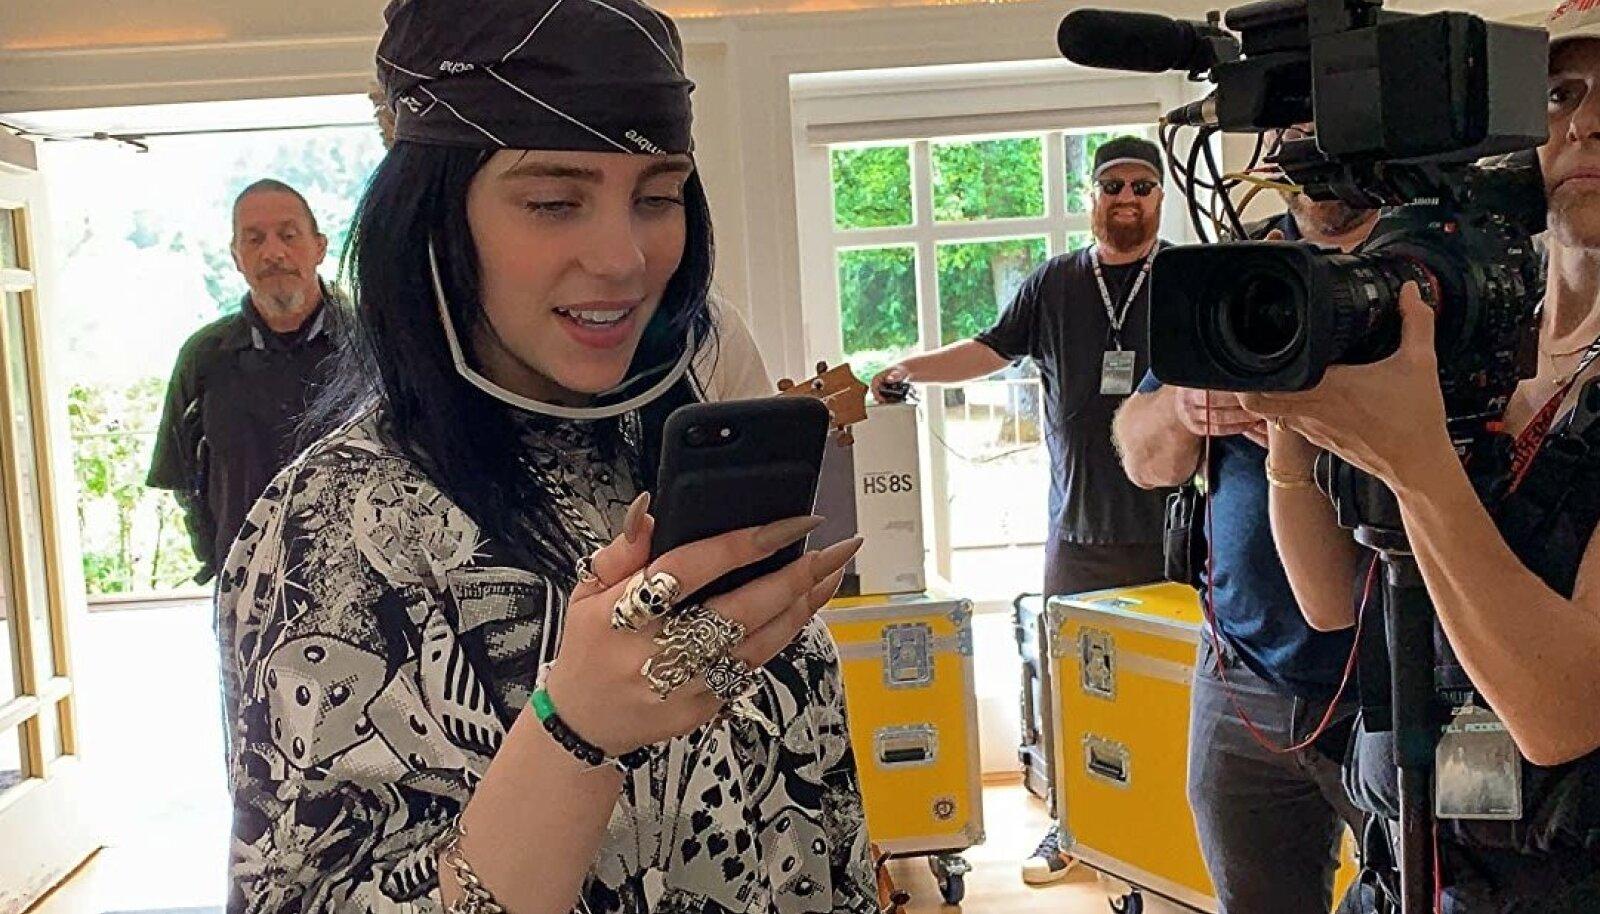 """NETITÄHEST ÜLEILMSEKS LEMMIKUS: Kaks tundi ja 20 minutit kestvas dokumentaalis """"Billie Eilish:The World's a Little Blurry"""" rullub lahti lugu, kuidas kodus koos vennaga muusikat salvestavast neiust tema muusika toel megastaar sirgub."""